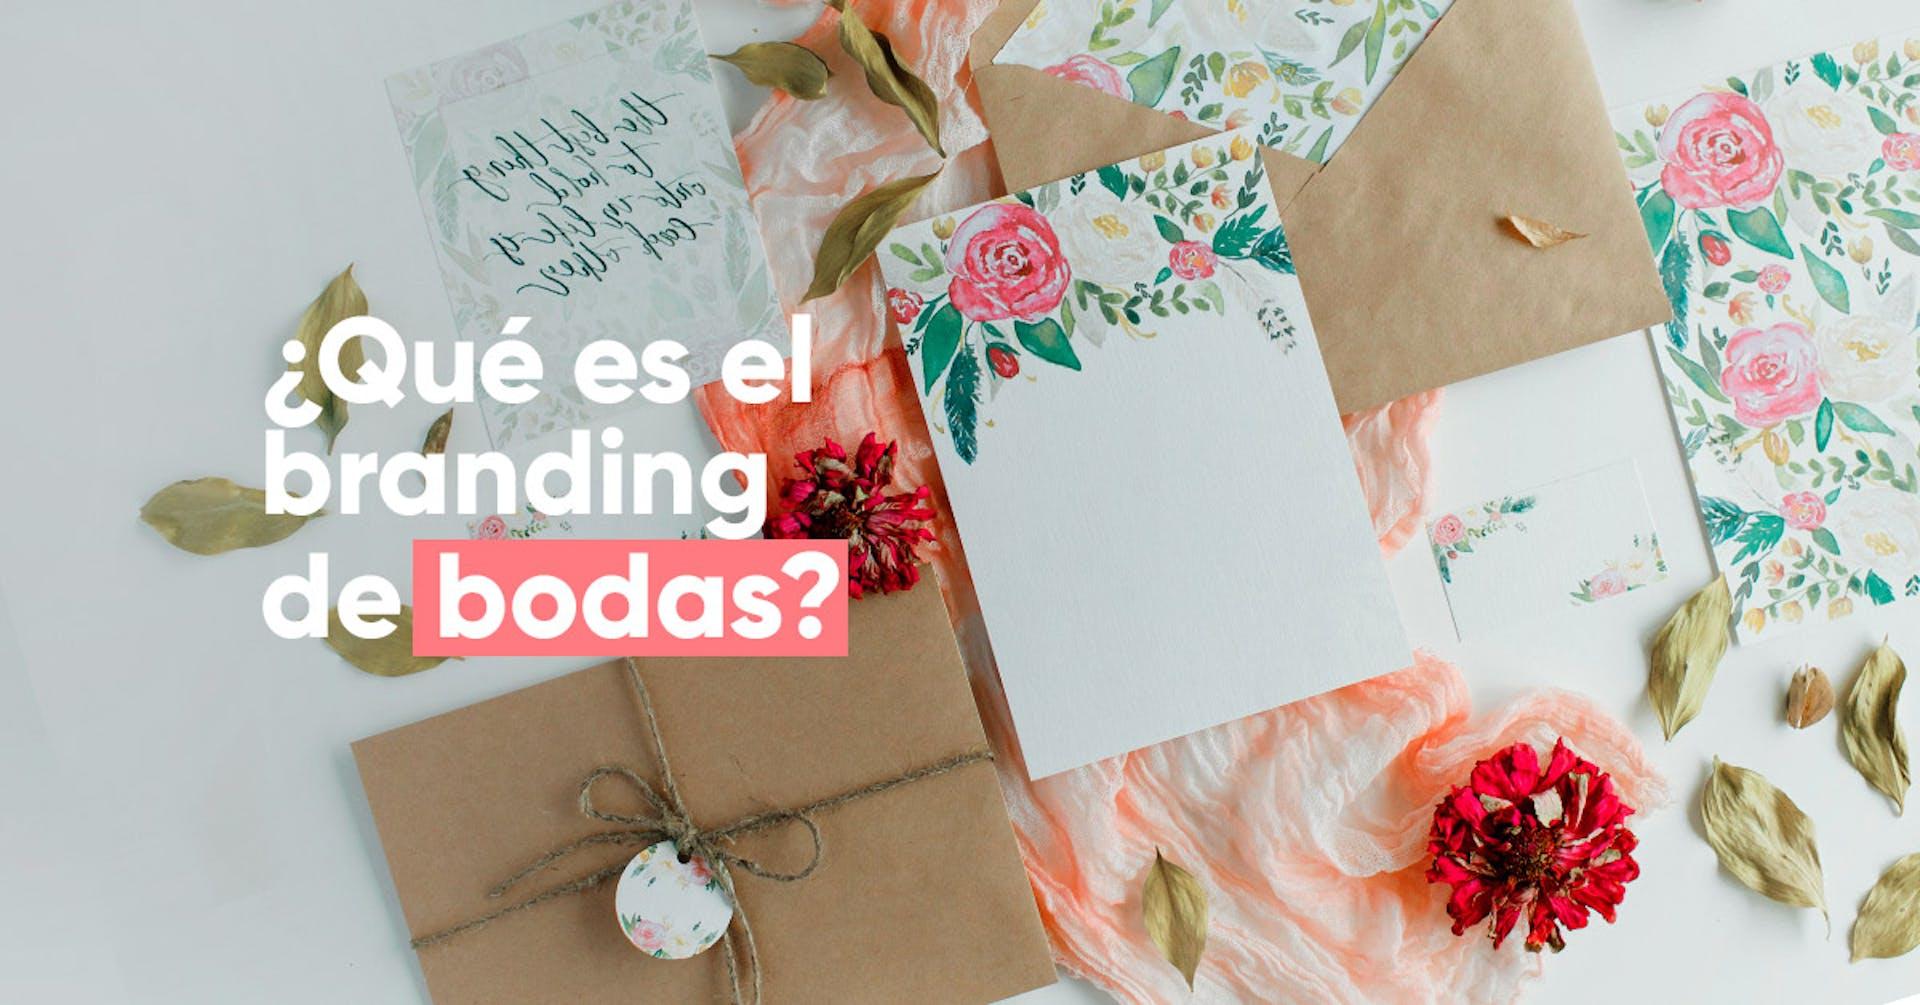 Branding de bodas: ¿Cómo definir el estilo de tu boda?